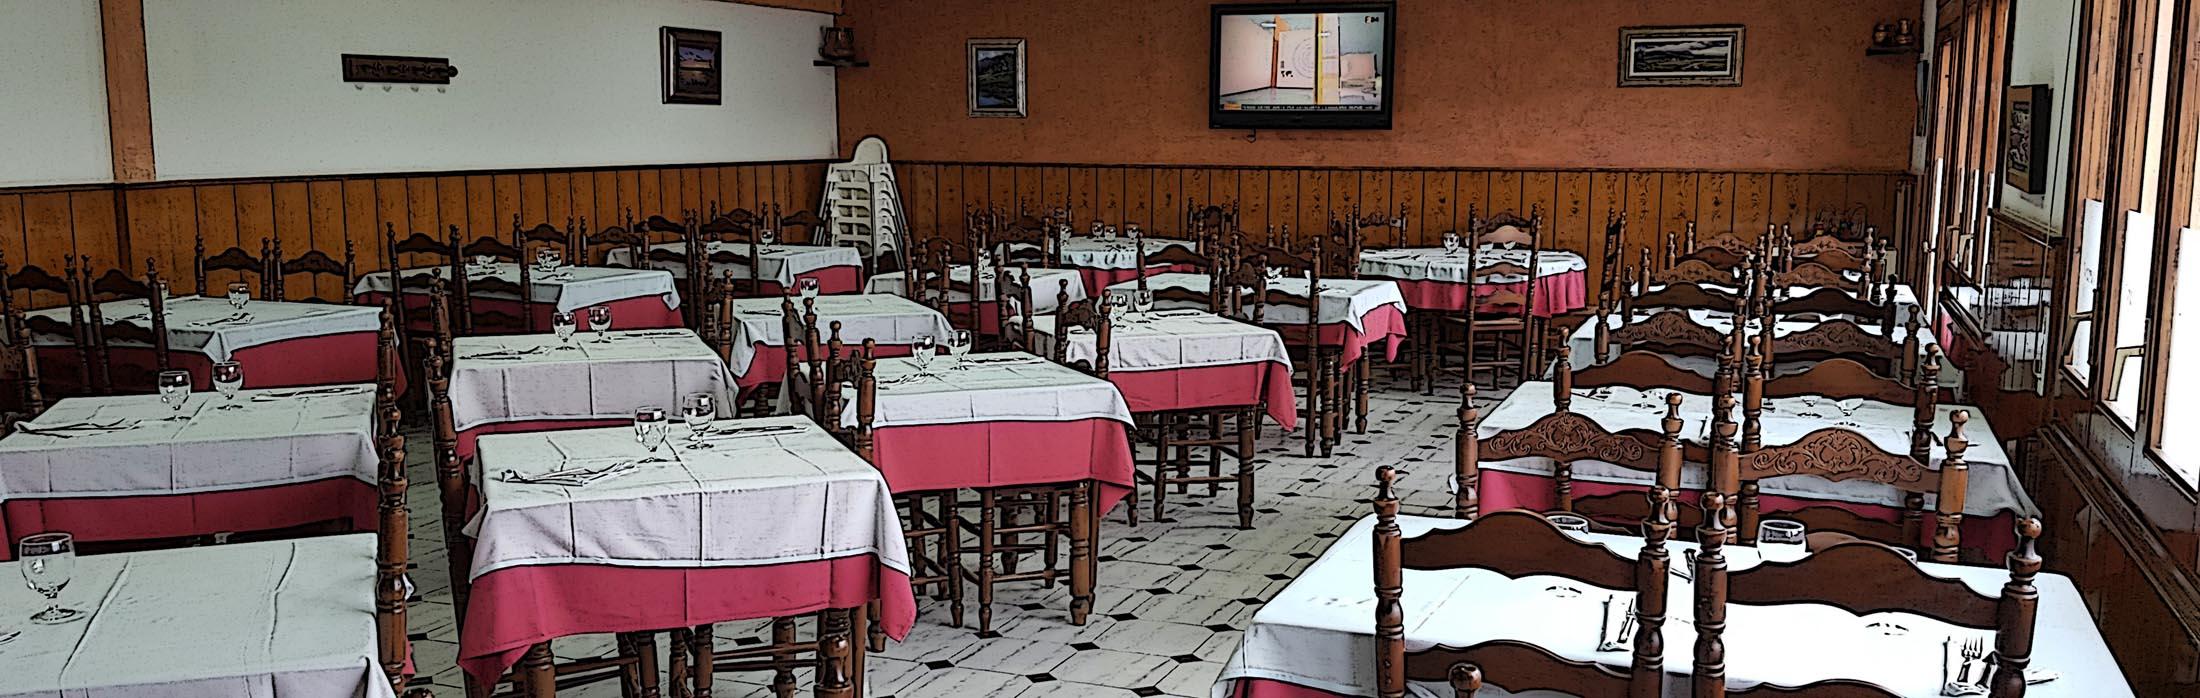 Restaurant Can Quer - El Pasteral (5)